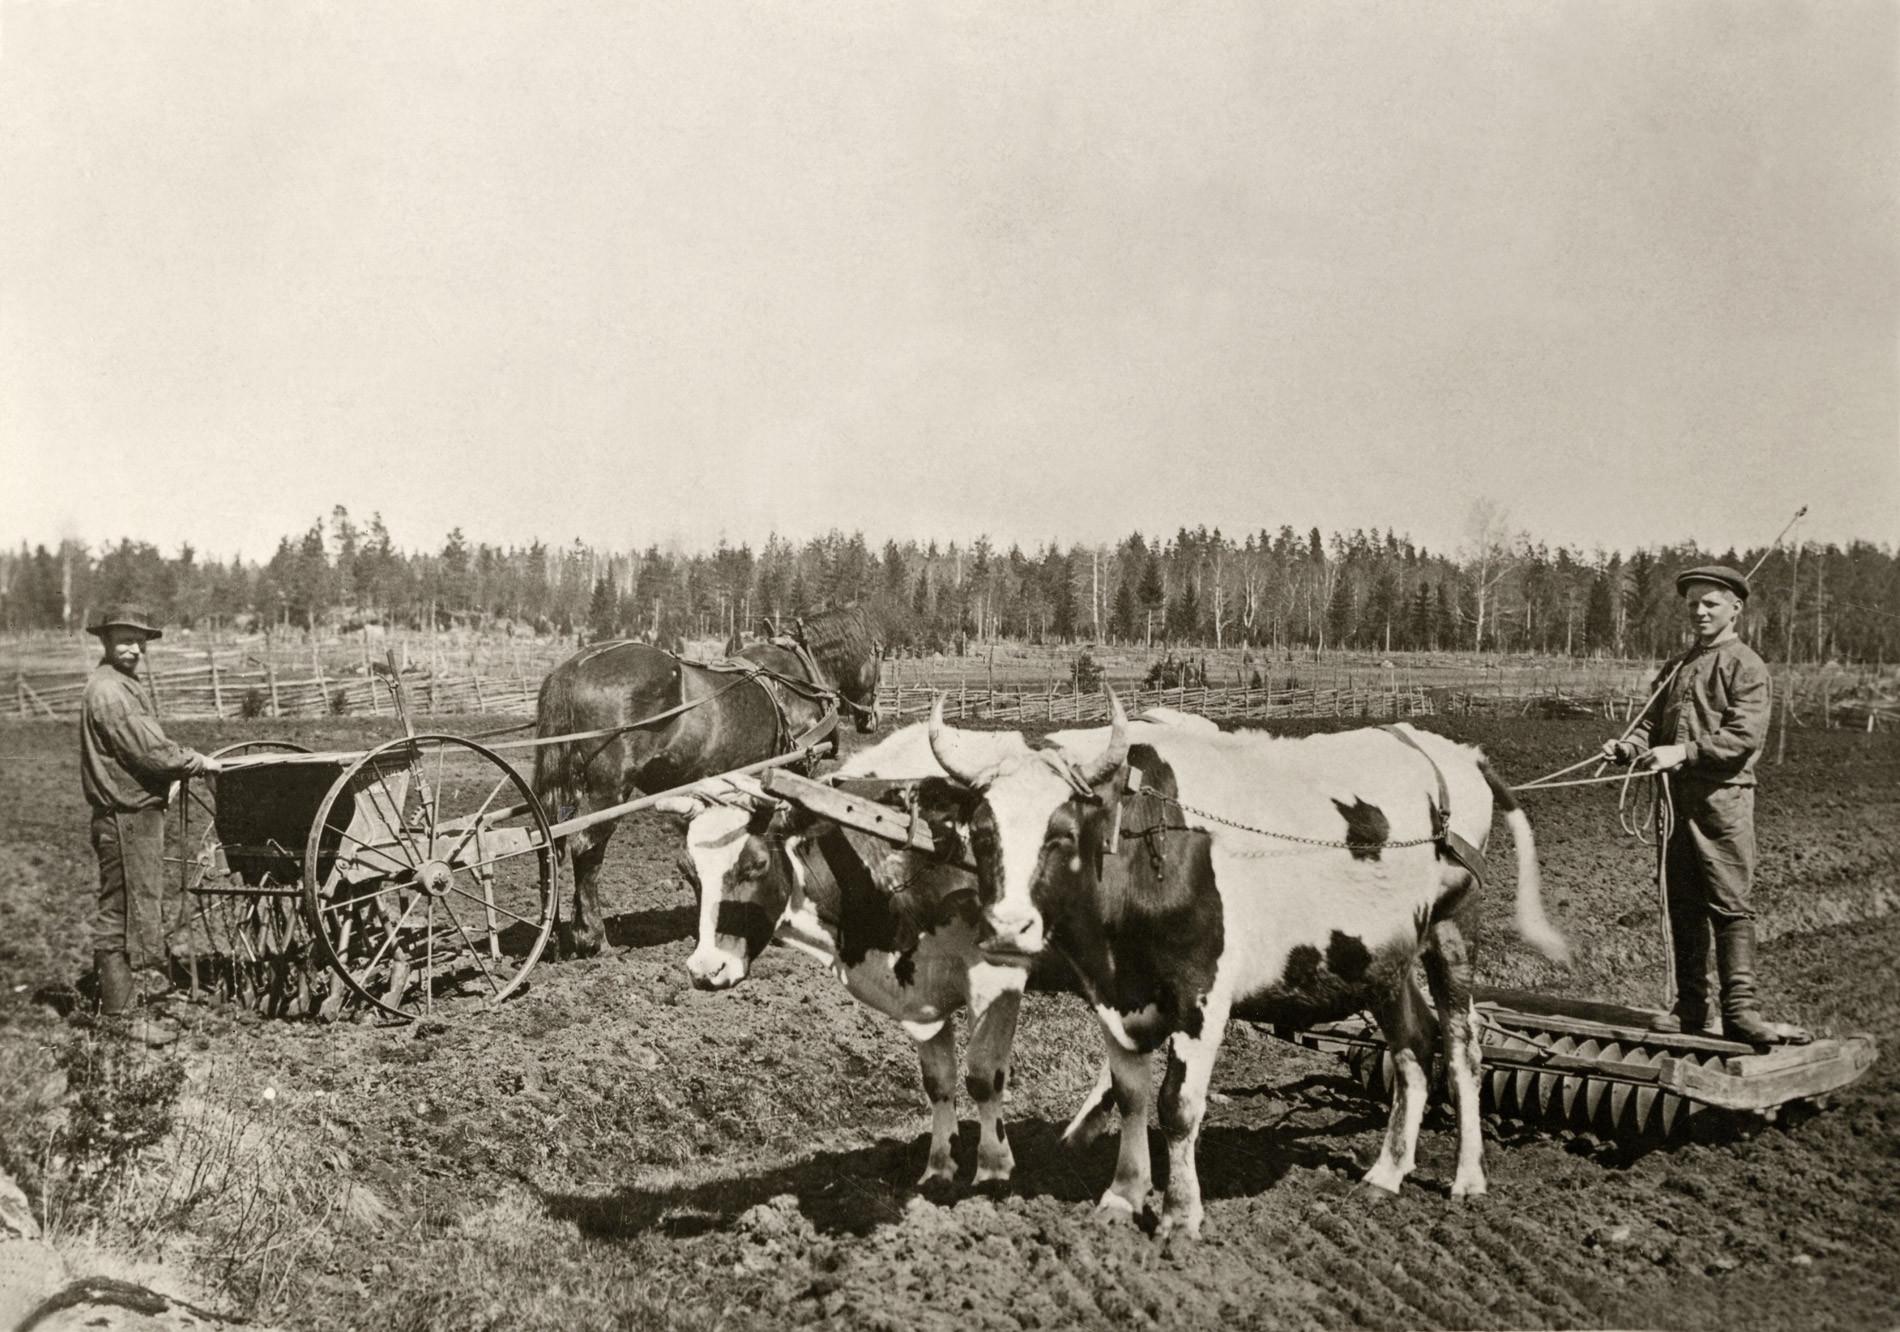 jordbruk_n1_44632.jpg